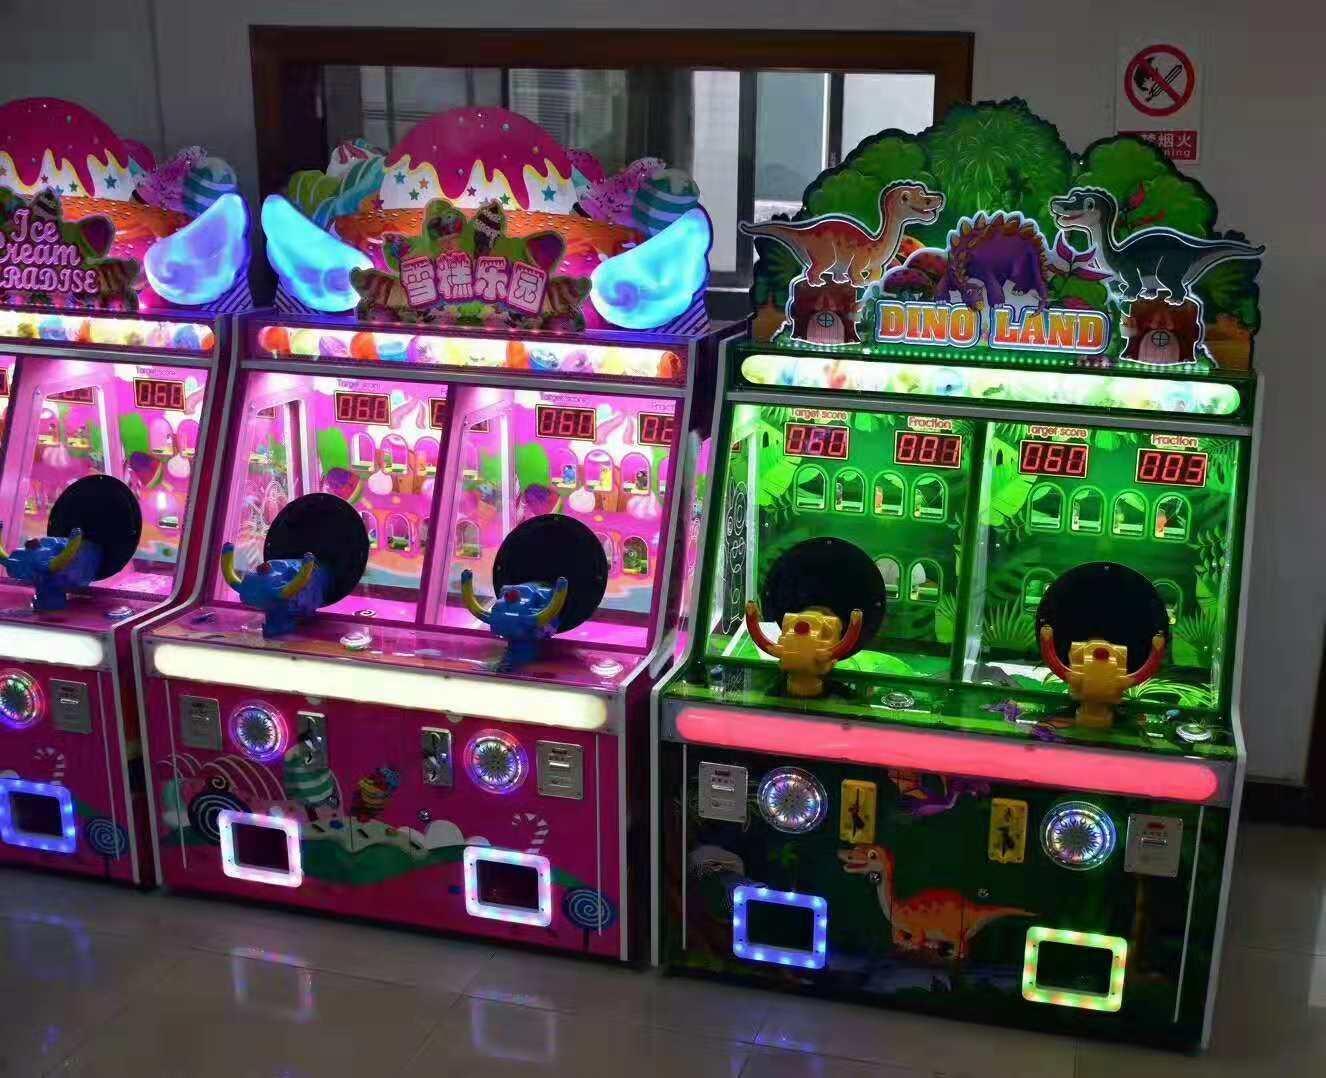 广州娃娃机回收  回收电玩城动漫城游戏机 回收电玩城动漫机厂家 回收电玩城设备报价 回收游戏机  上门回收游戏机 娃